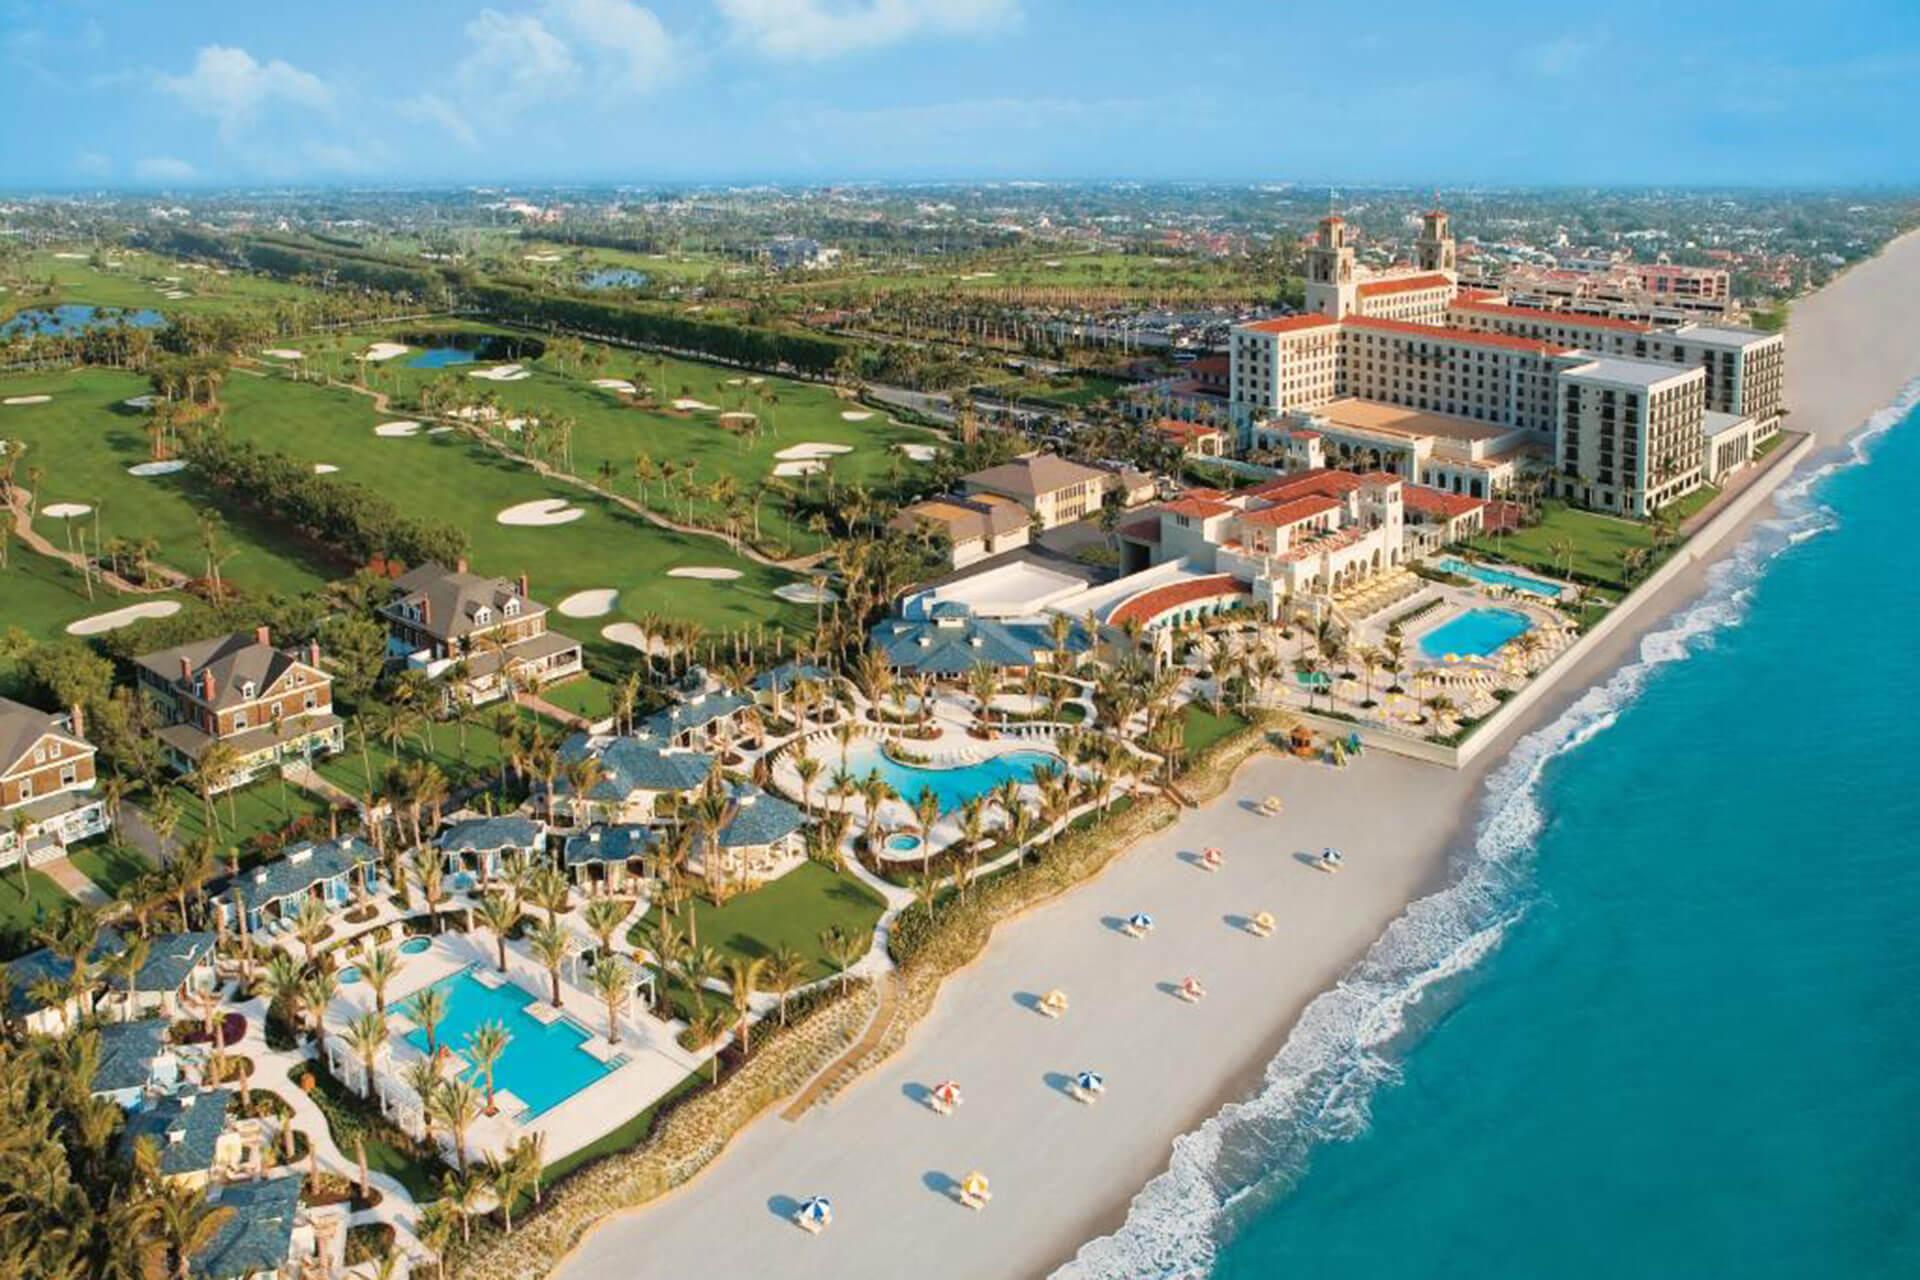 O que fazer em Palm Beach: West Palm Beach